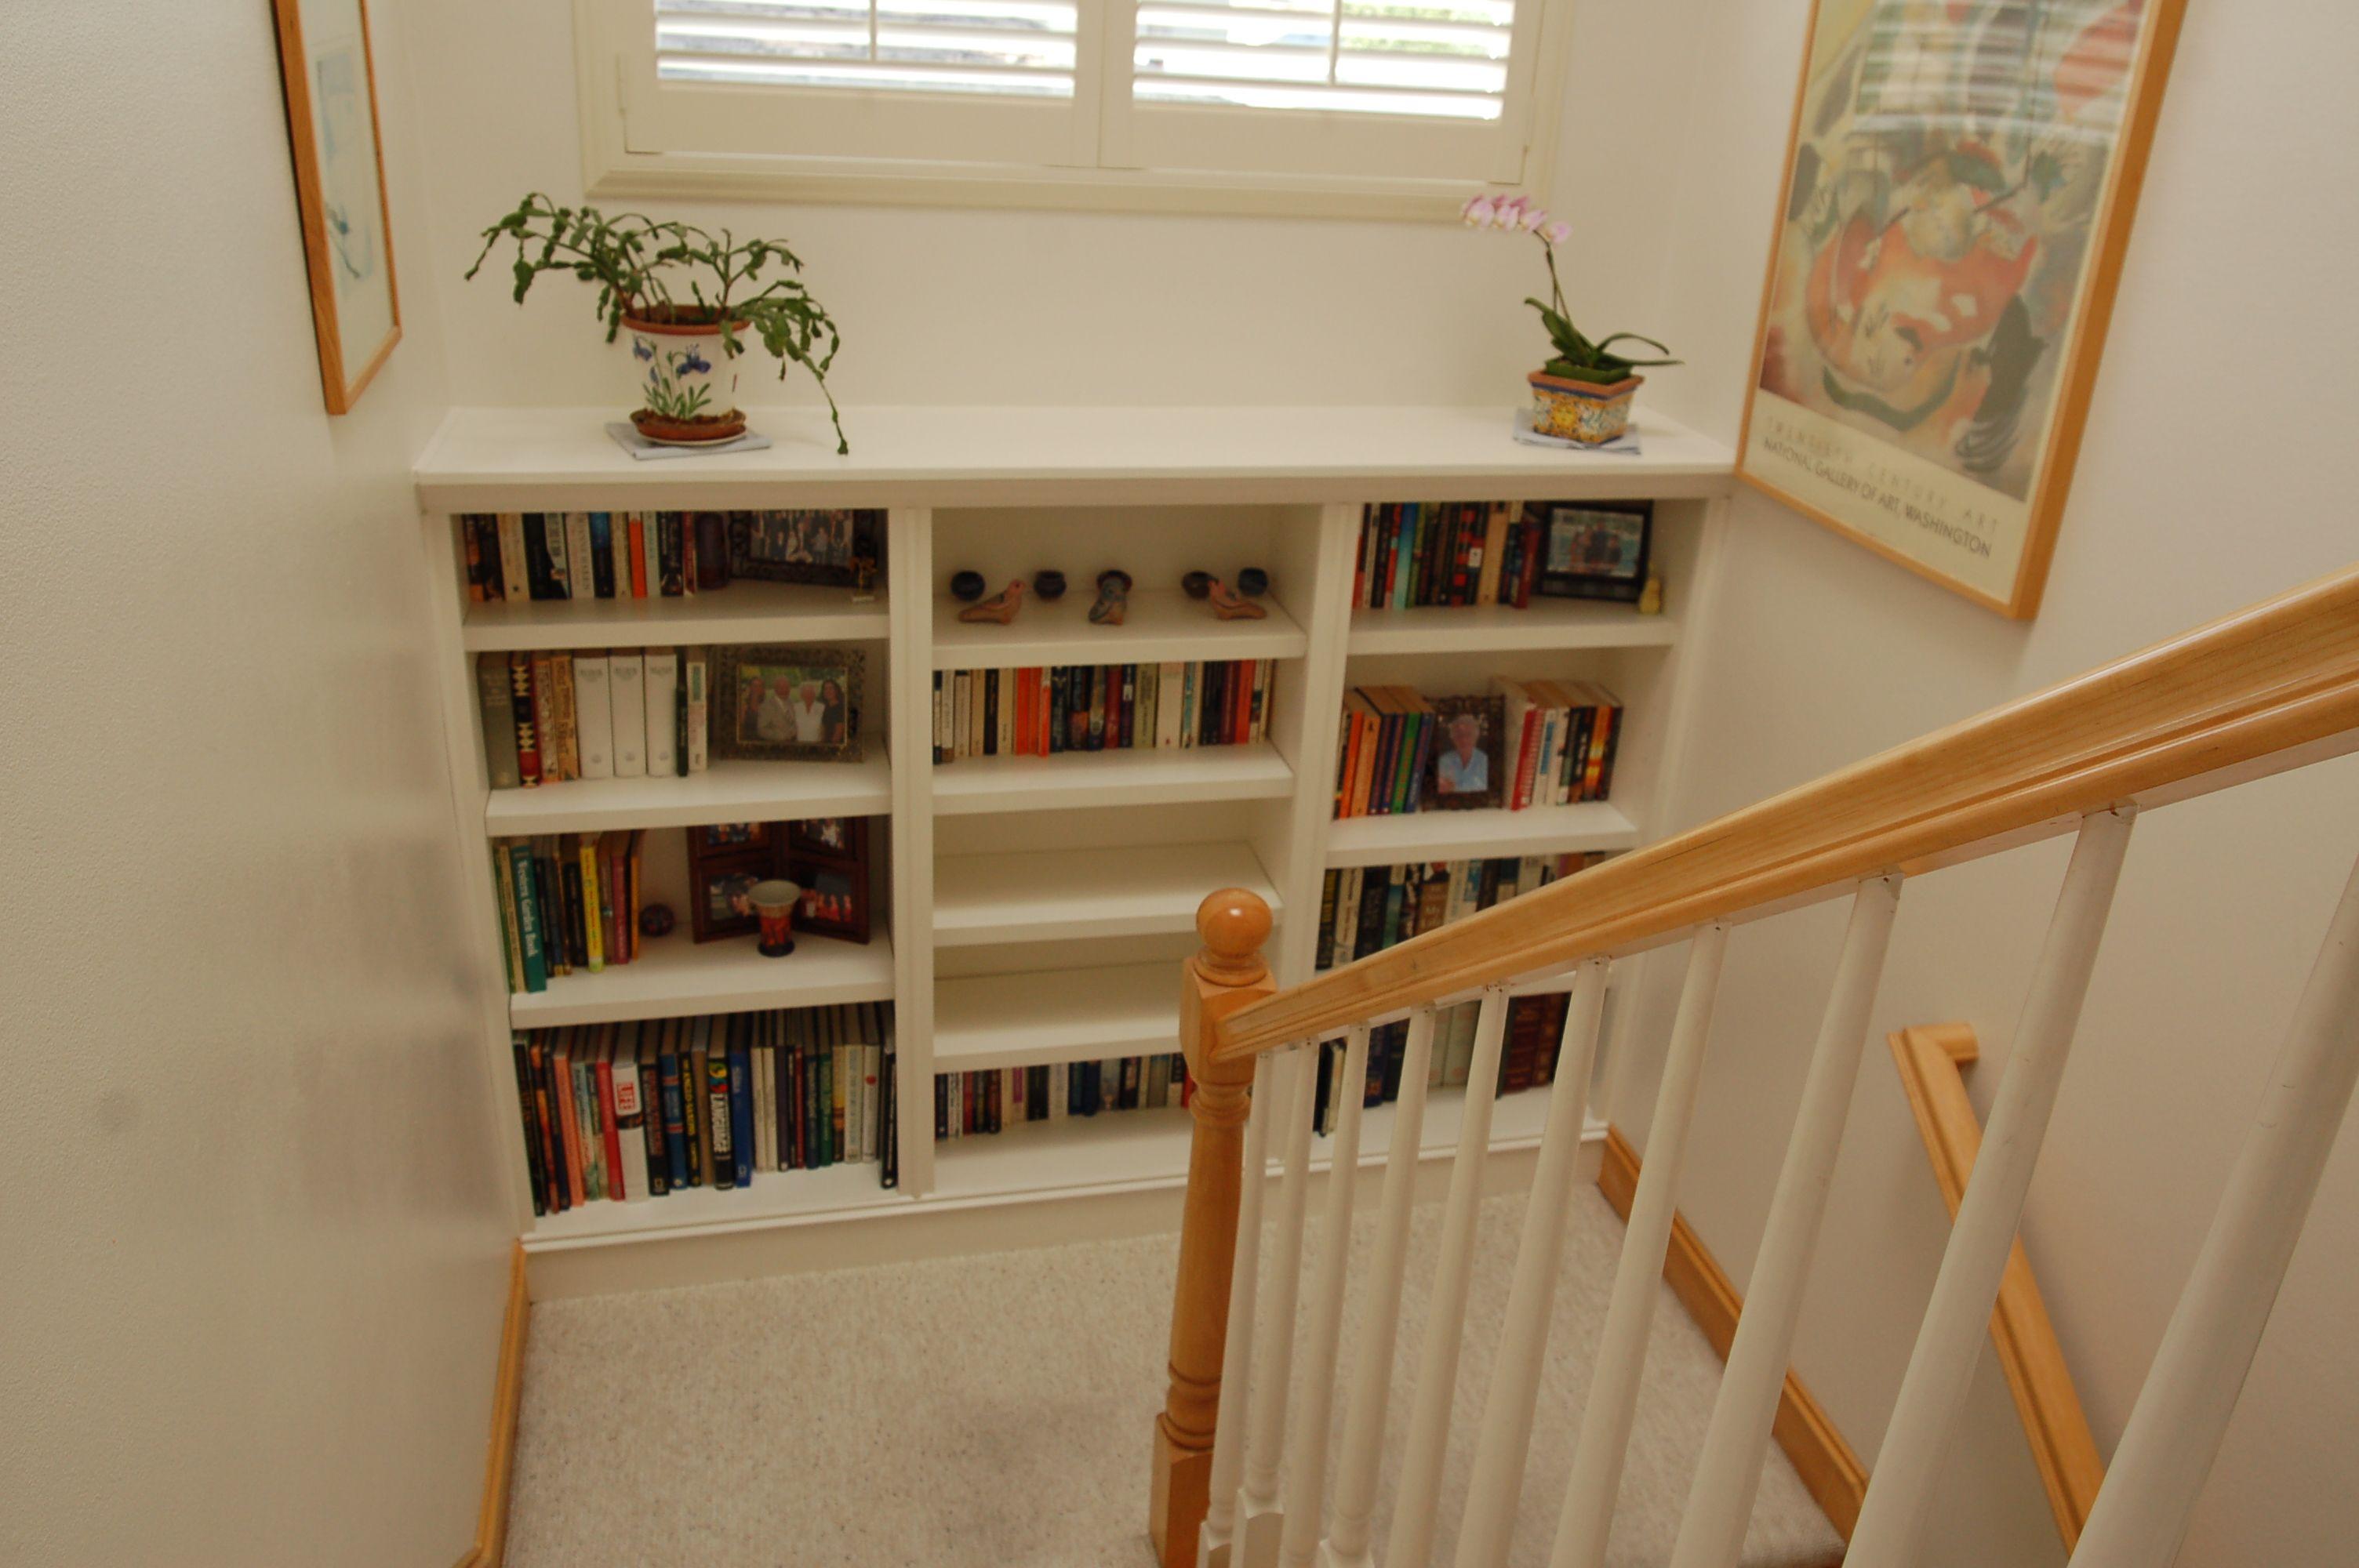 Design Shelves Stair Shelves Design Ideas X Interiors Studiorover Step Shelves Desig Stair Shelves Built In Shelves Living Room Bookshelves Around Fireplace